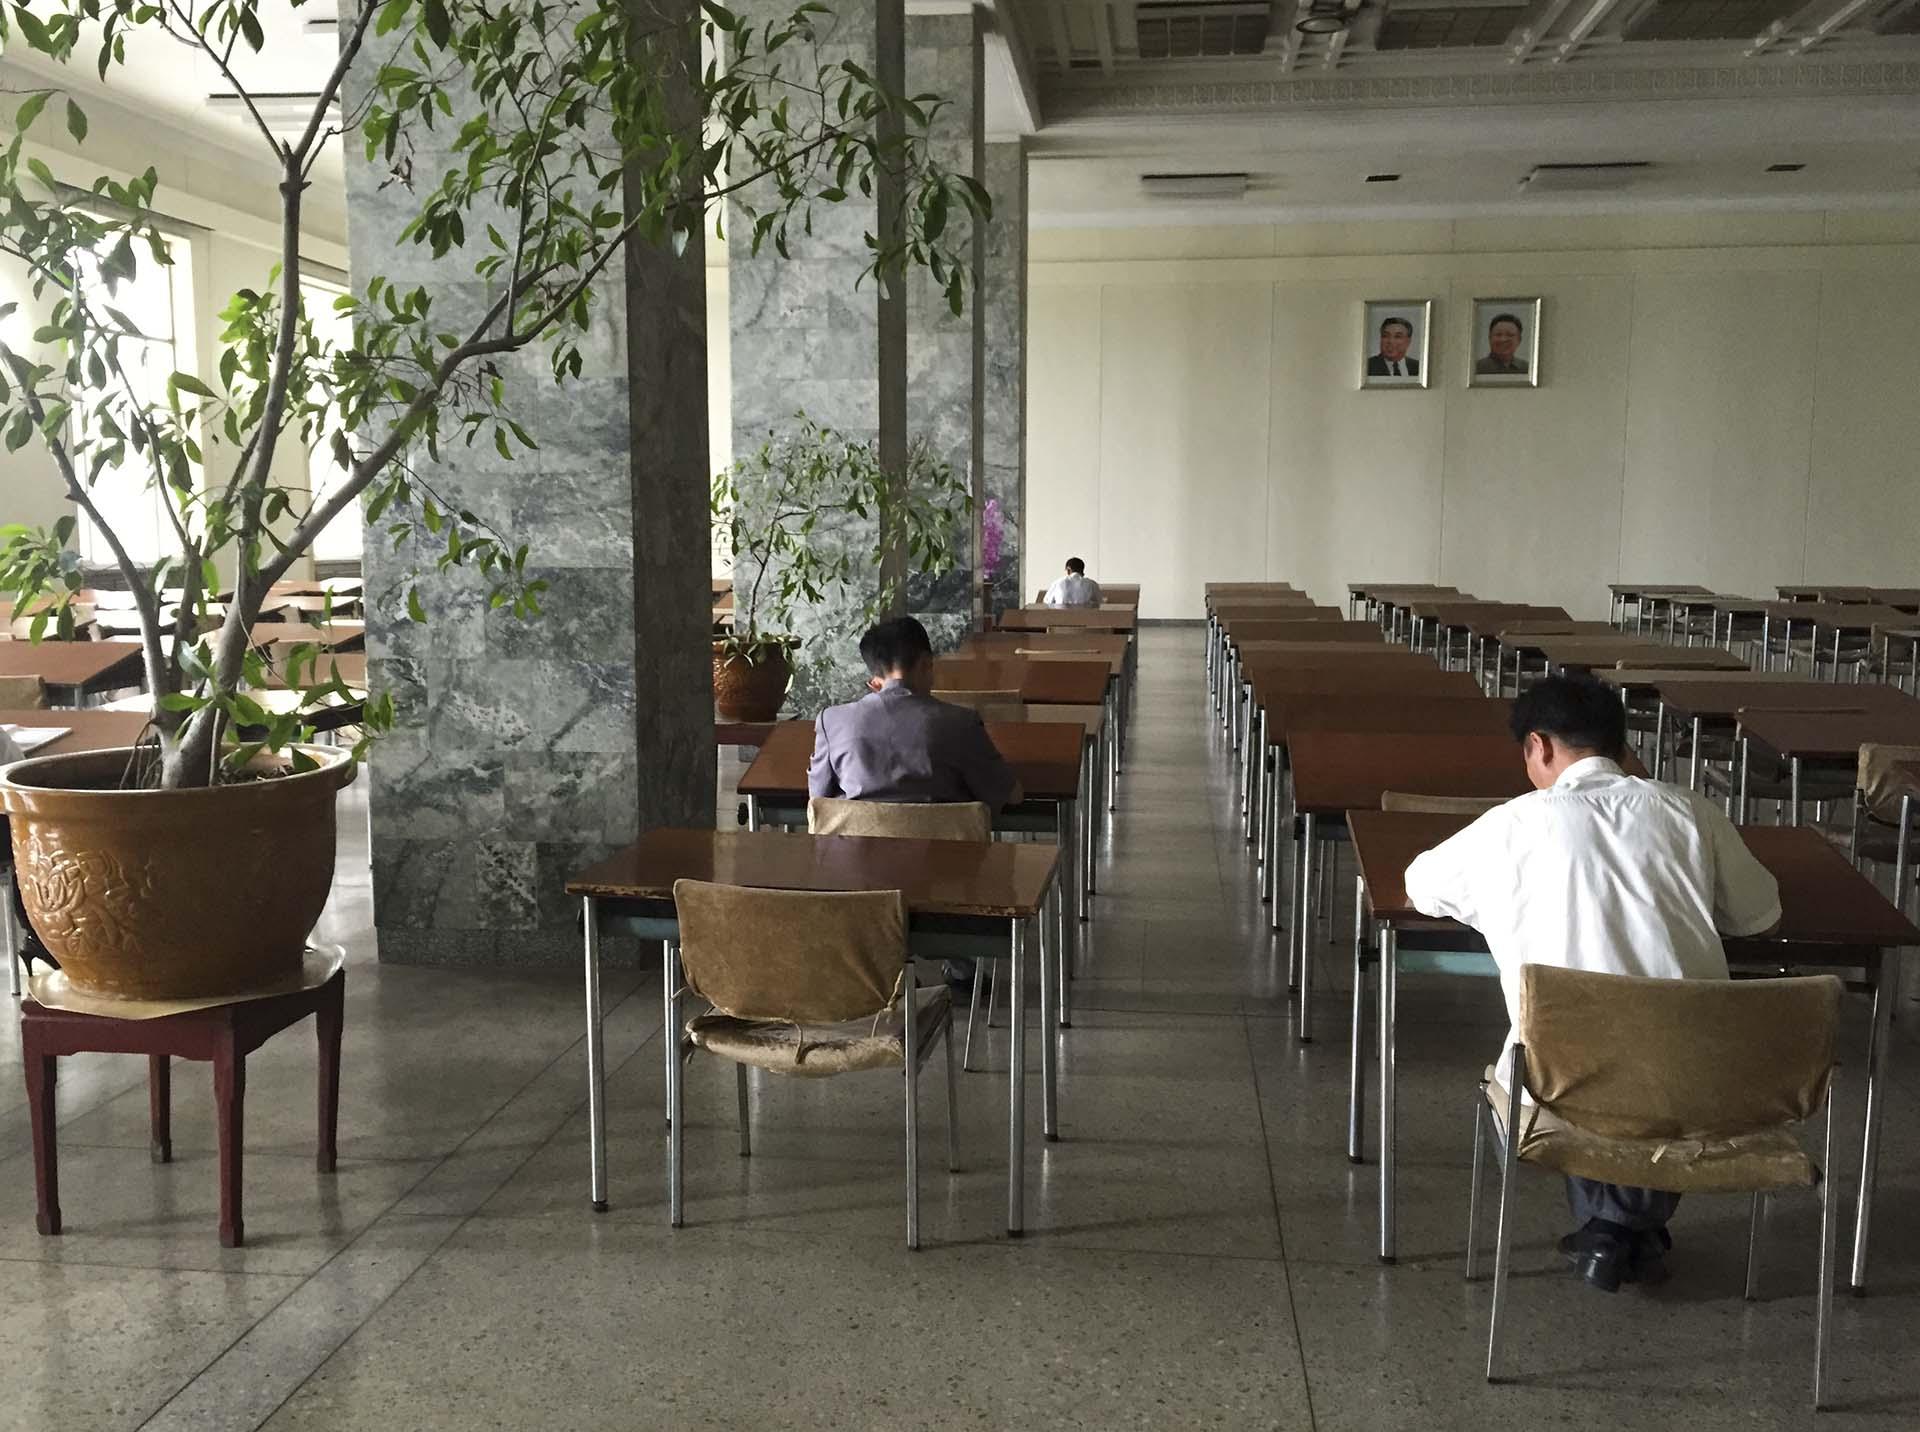 En la Gran Casa de Estudios del Pueblo, que oficia de biblioteca central de Pyongyang y es uno de los pocos edificios públicos en los que un extranjero puede ver las computadoras con acceso a la intranet norcoreana aunque no pueda usarlas, tomamos el ascensor de madera hasta el segundo piso, donde estaba la sala de lectura, una habitación presidida, como todas en aquel lugar, por los retratos de los dos Kim